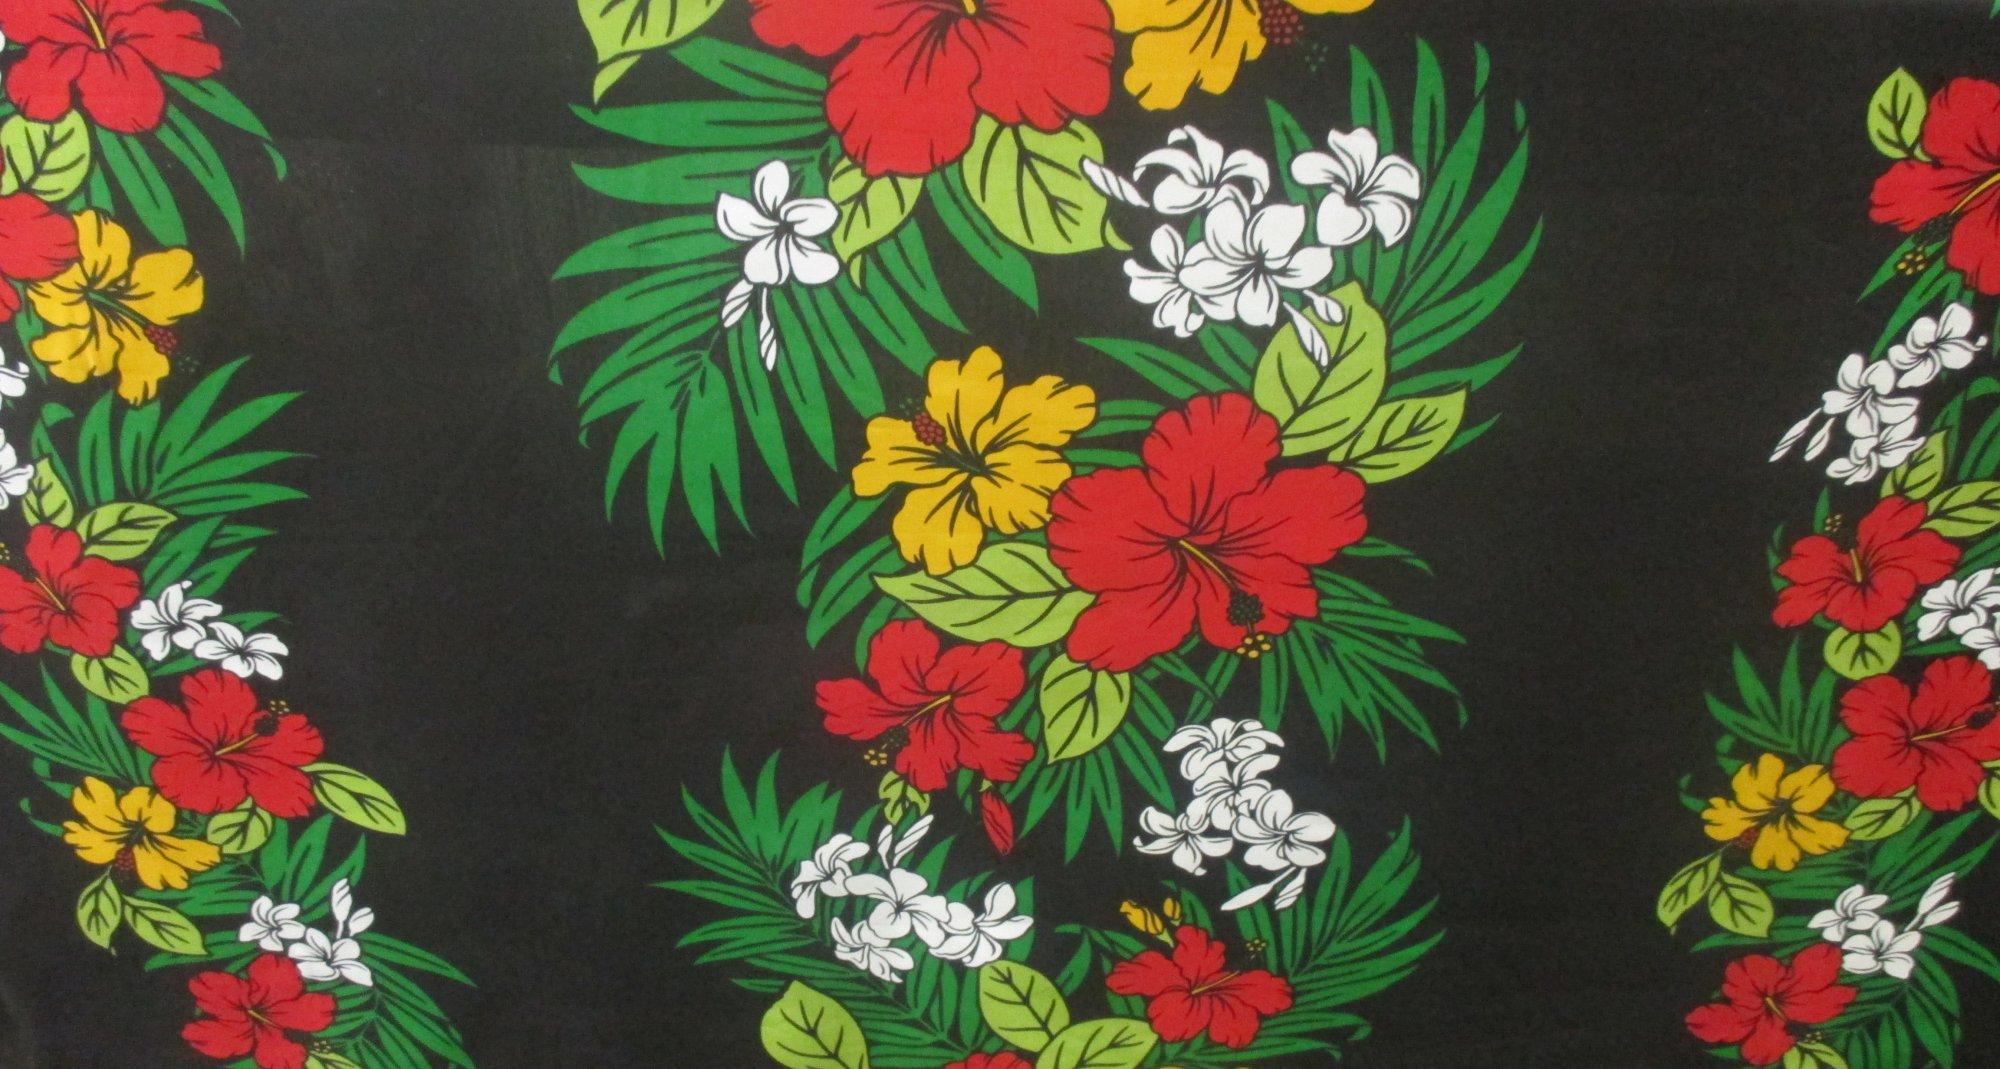 Hibiscus Double Border - Black